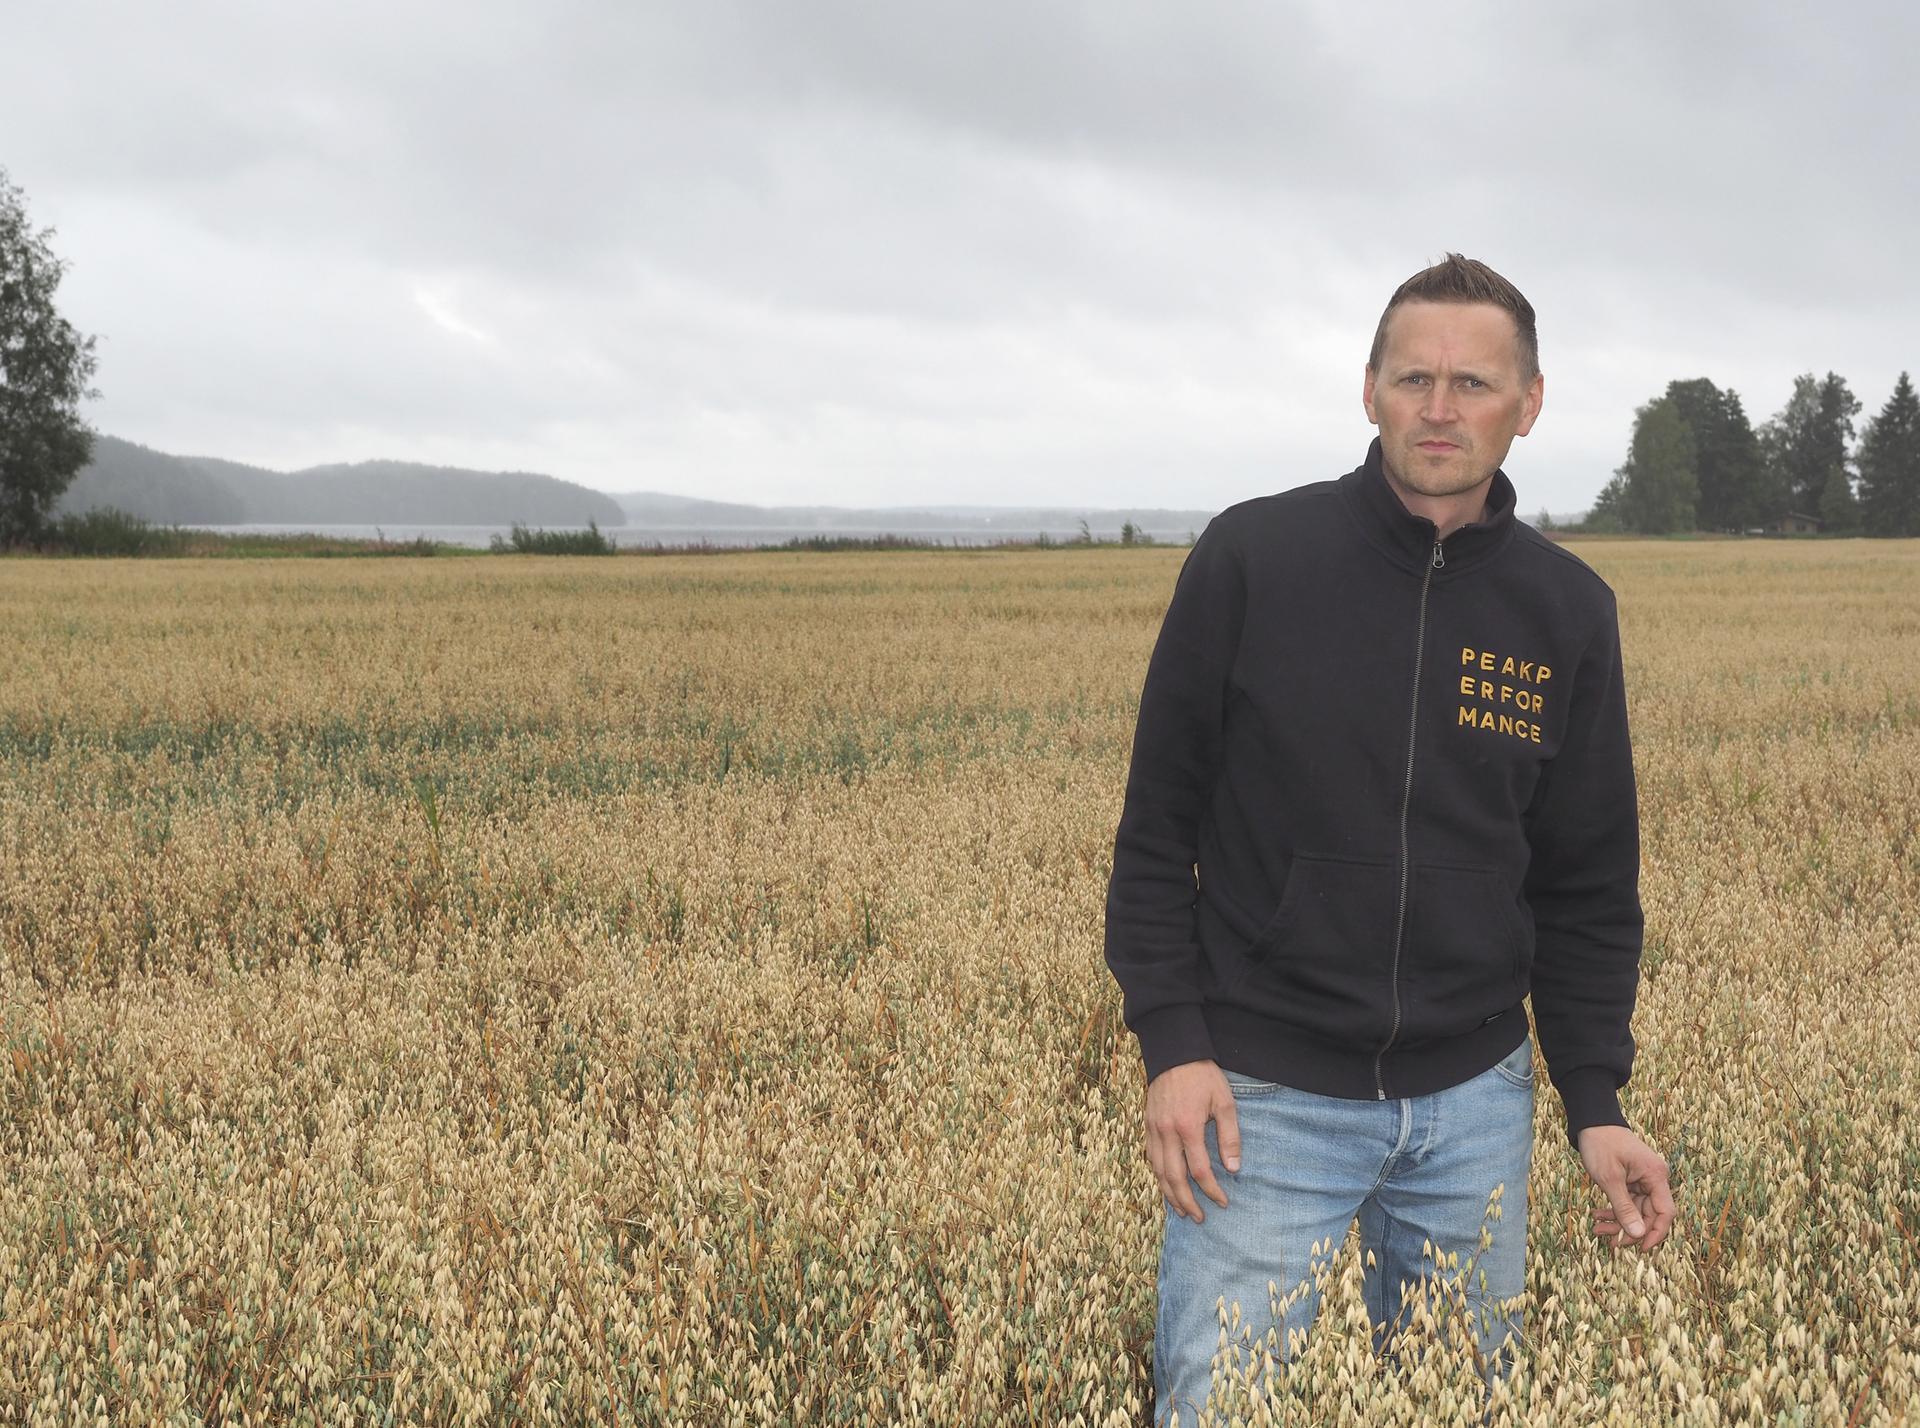 Jussi Joutsiniemi nosti elintarvikekauran osuutta pelloillaan. Viljat ovat kärsineet kuivuudesta. Viimepäivien sateista on vain haittaa laadulle.